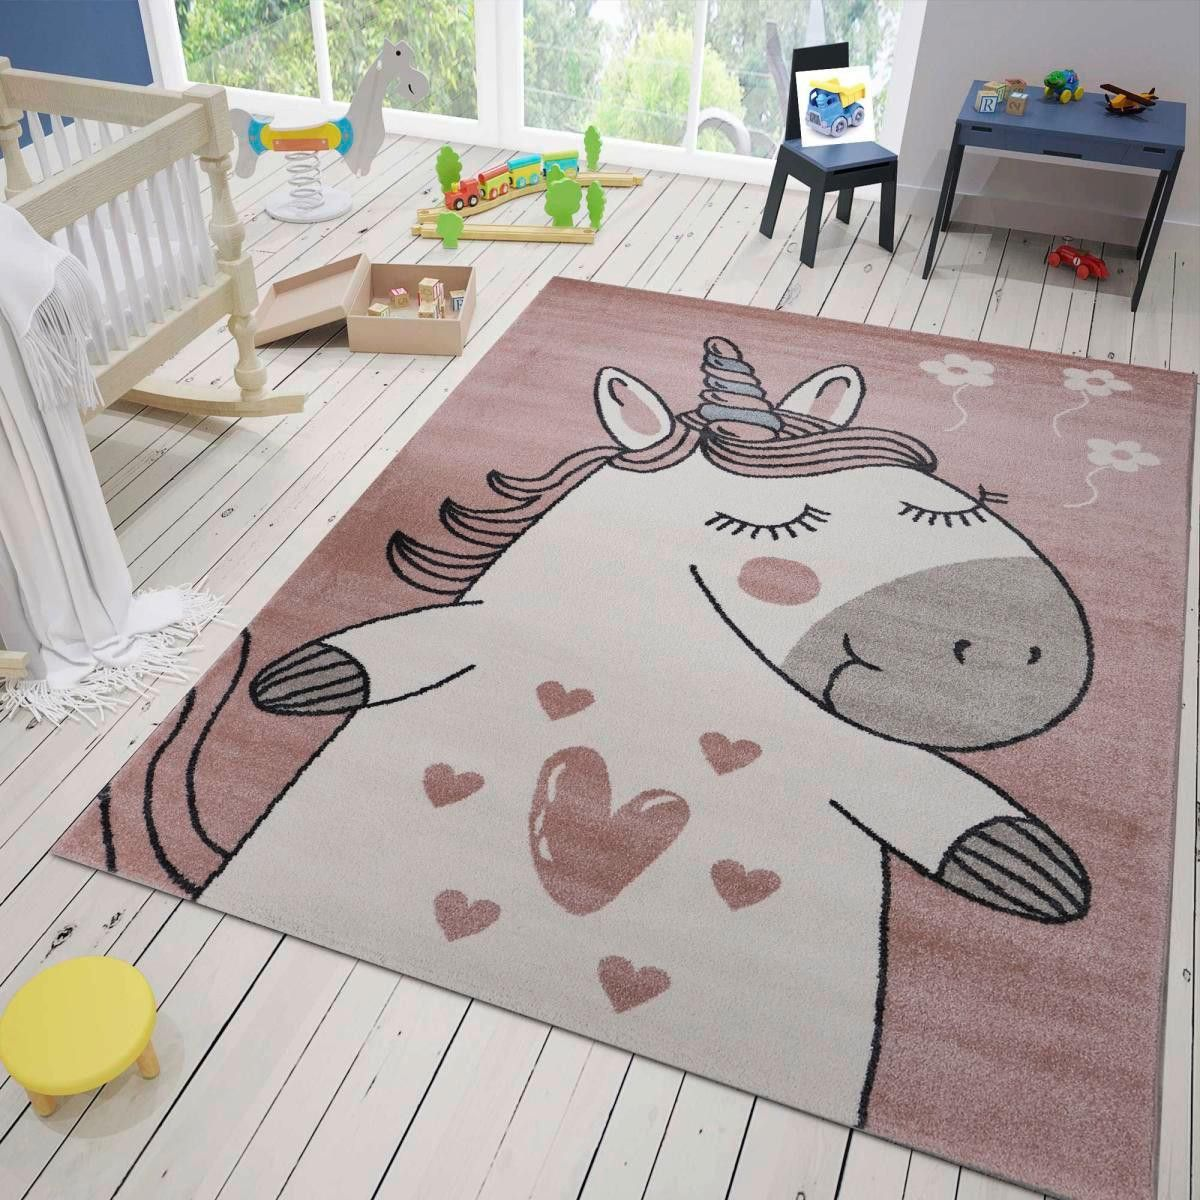 Teppich Bino Ca 160 X 230 Cm Einhorn Pink Online Bei Poco Kaufen Teppich Beige Einhorn Teppich Teppich Kinderzimmer